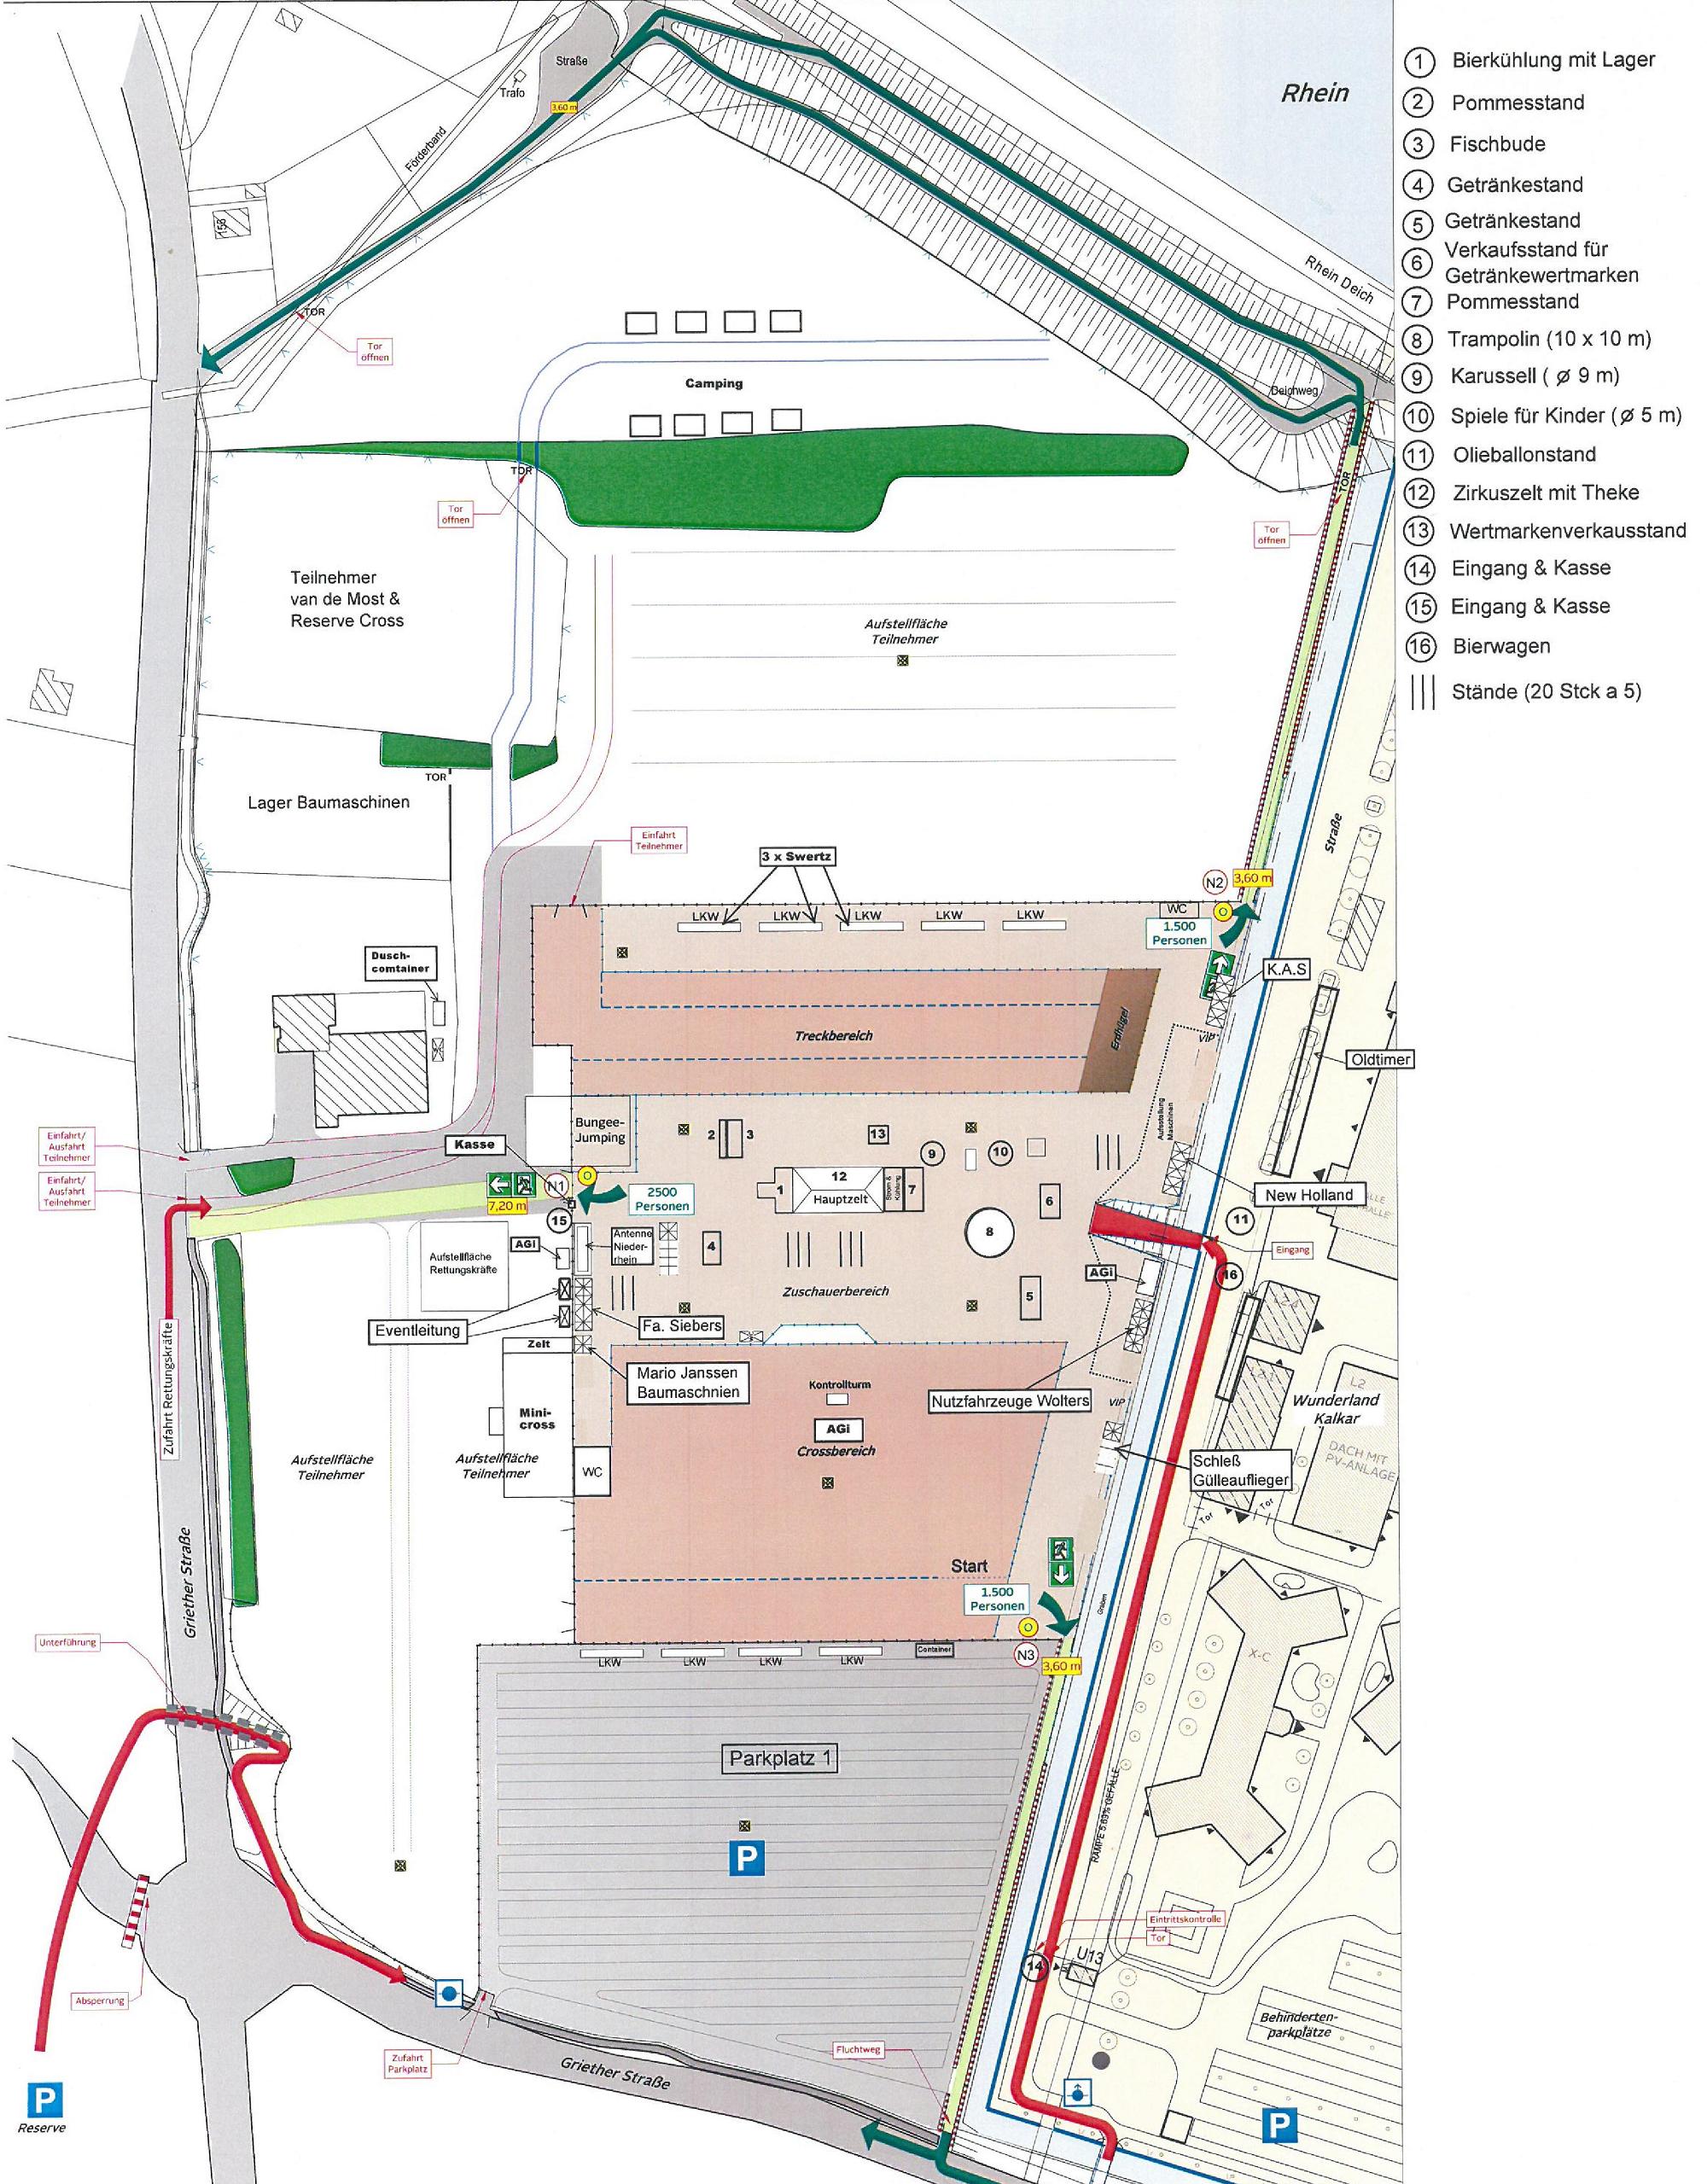 Boeren-Treck-Spektakel Geländeplan